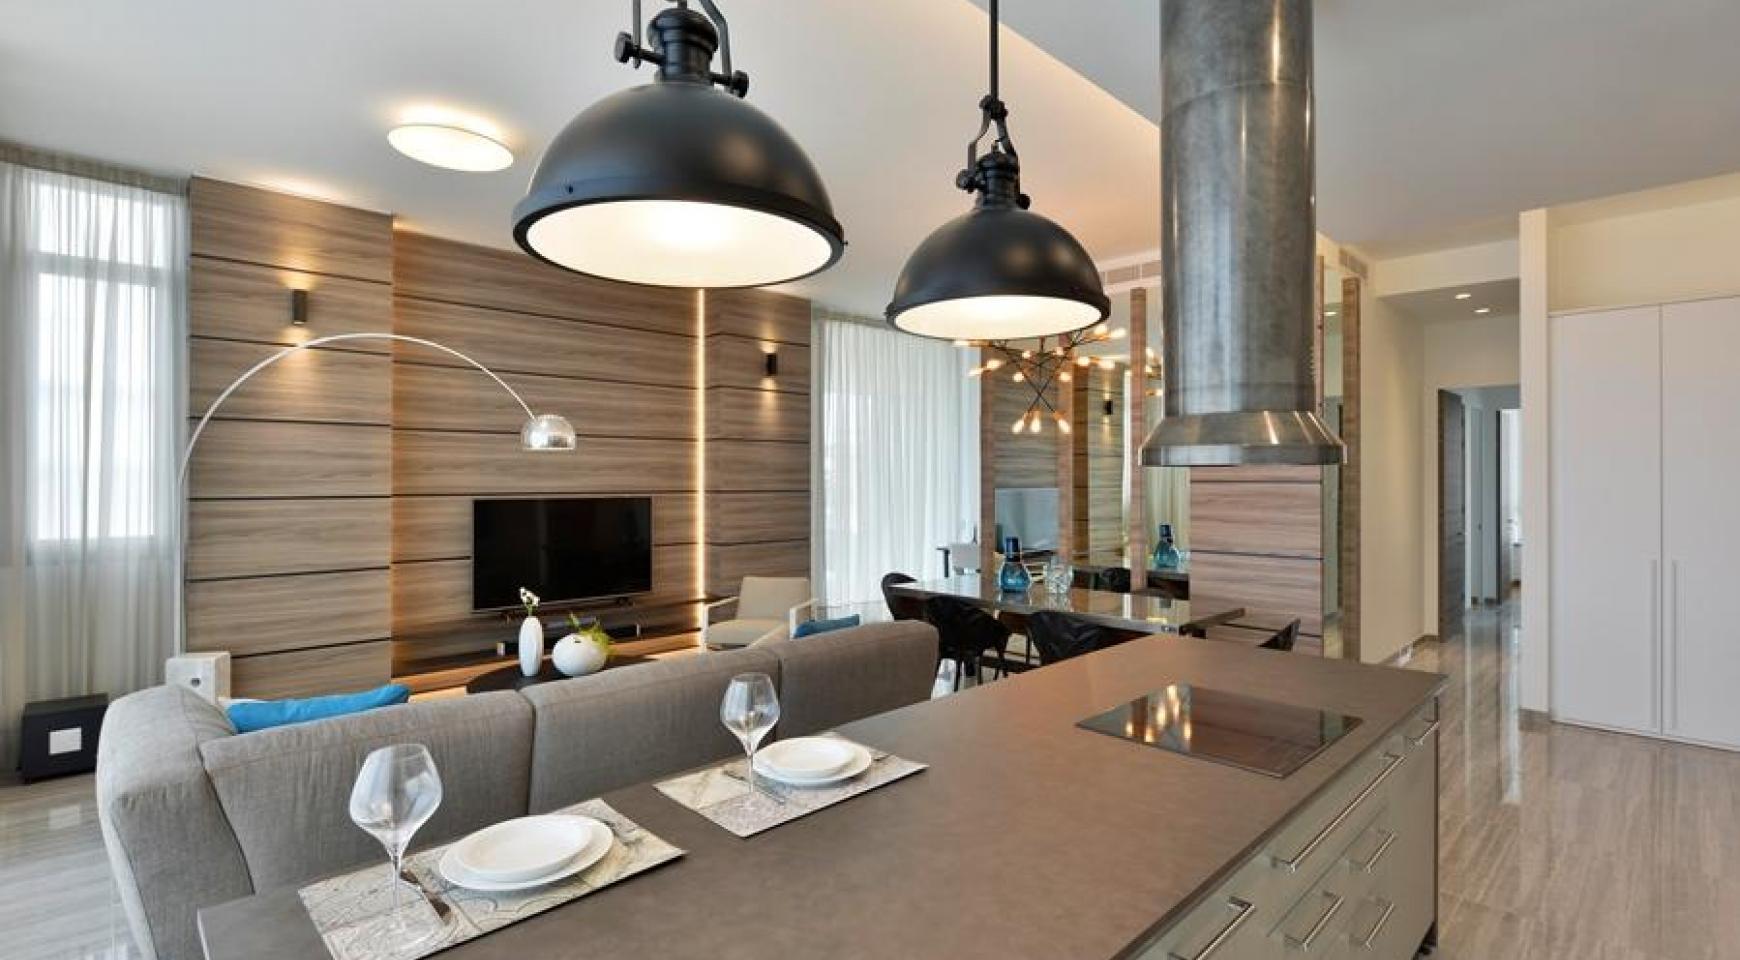 Πολυτελές διαμέρισμα 2 υπνοδωματίων με ταράτσα στο νεόδμητο συγκρότημα - 6